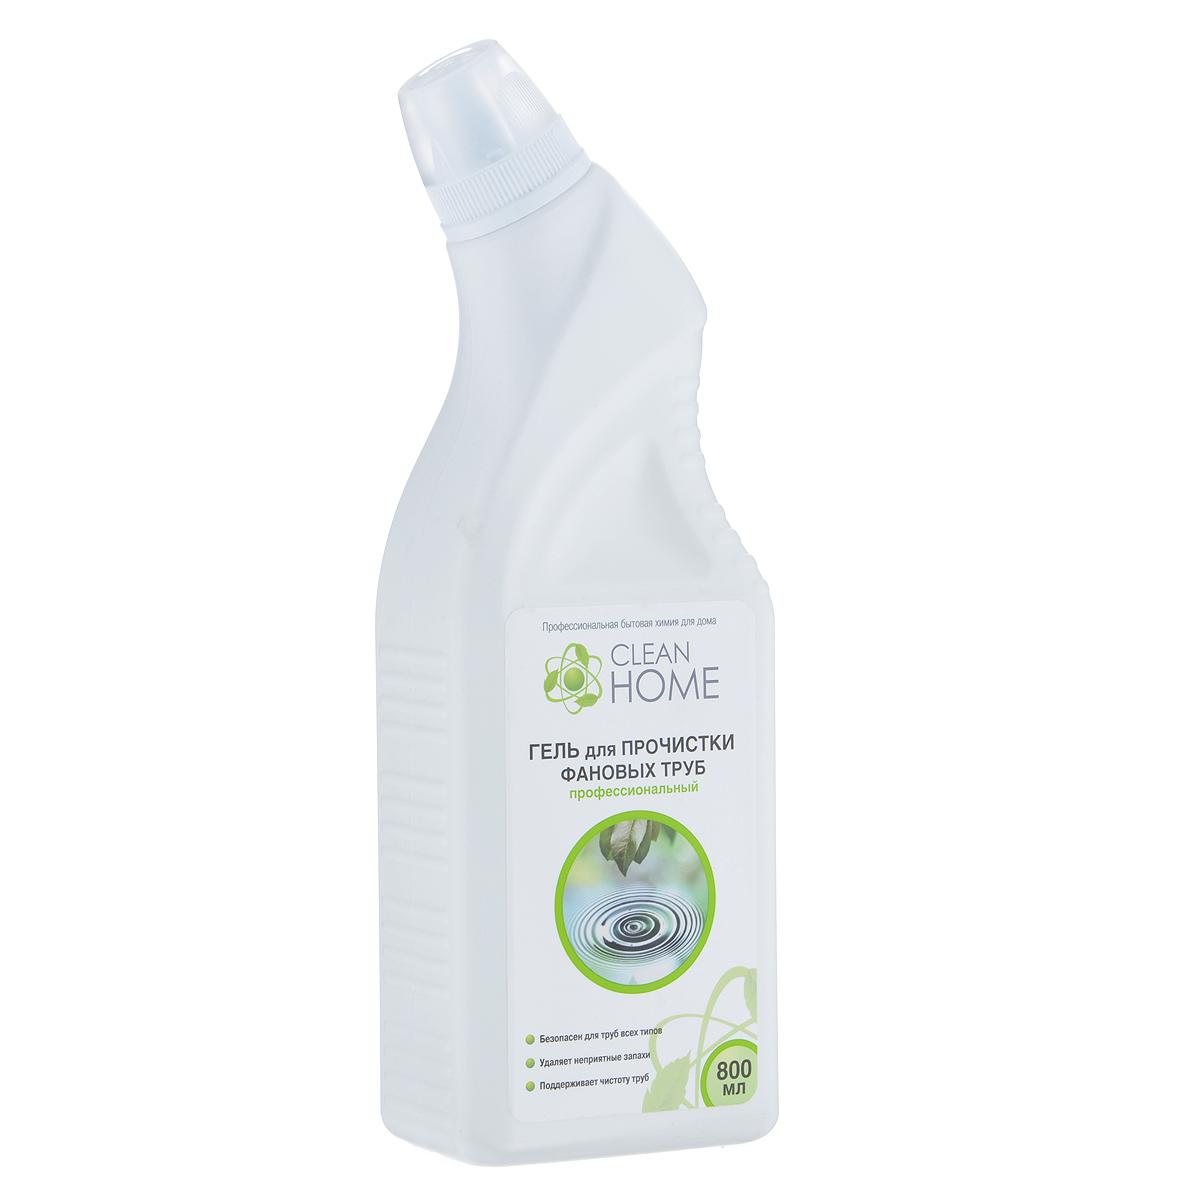 ГельClean Home, для прочистки фановых труб, 800 мл391602Эффективное средство Clean Home предназначено для удаления засоров в канализационных трубах, сифонах, унитазах от органических загрязнений, пищевых остатков, жира, волос и бумаги. Удаляет неприятные запахи. Благодаря гелевой форме глубоко проникает в трубу даже при наличии в ней воды. Безопасен для всех видов металлических и пластиковых труб, позволяет продлить срок безотказной работы бытового сантехнического оборудования. Линия профессиональной бытовой химии для дома Clean Home представлена гаммой средств для стирки и уборки дома. Clean Home - это весь необходимый ряд высокоэффективных универсальных средств европейского качества.Состав: вода, гидроксид натрия, функциональные добавки.